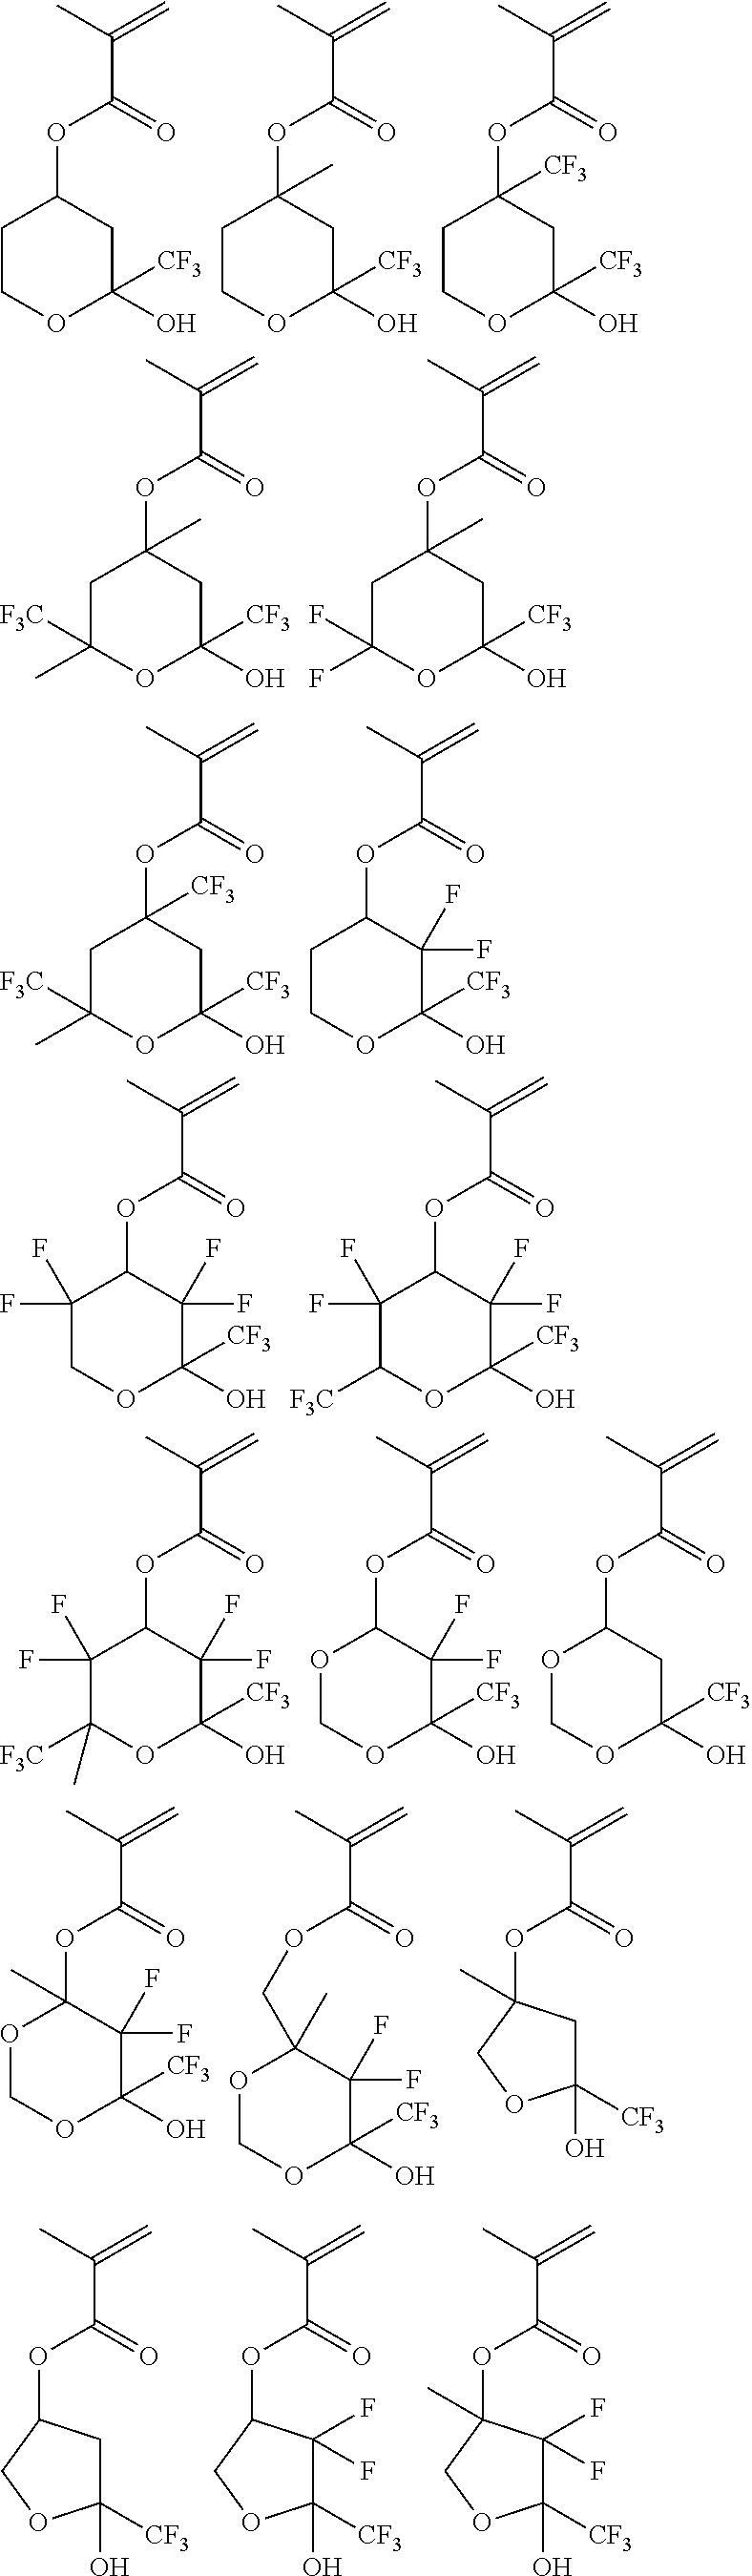 Figure US09017918-20150428-C00045